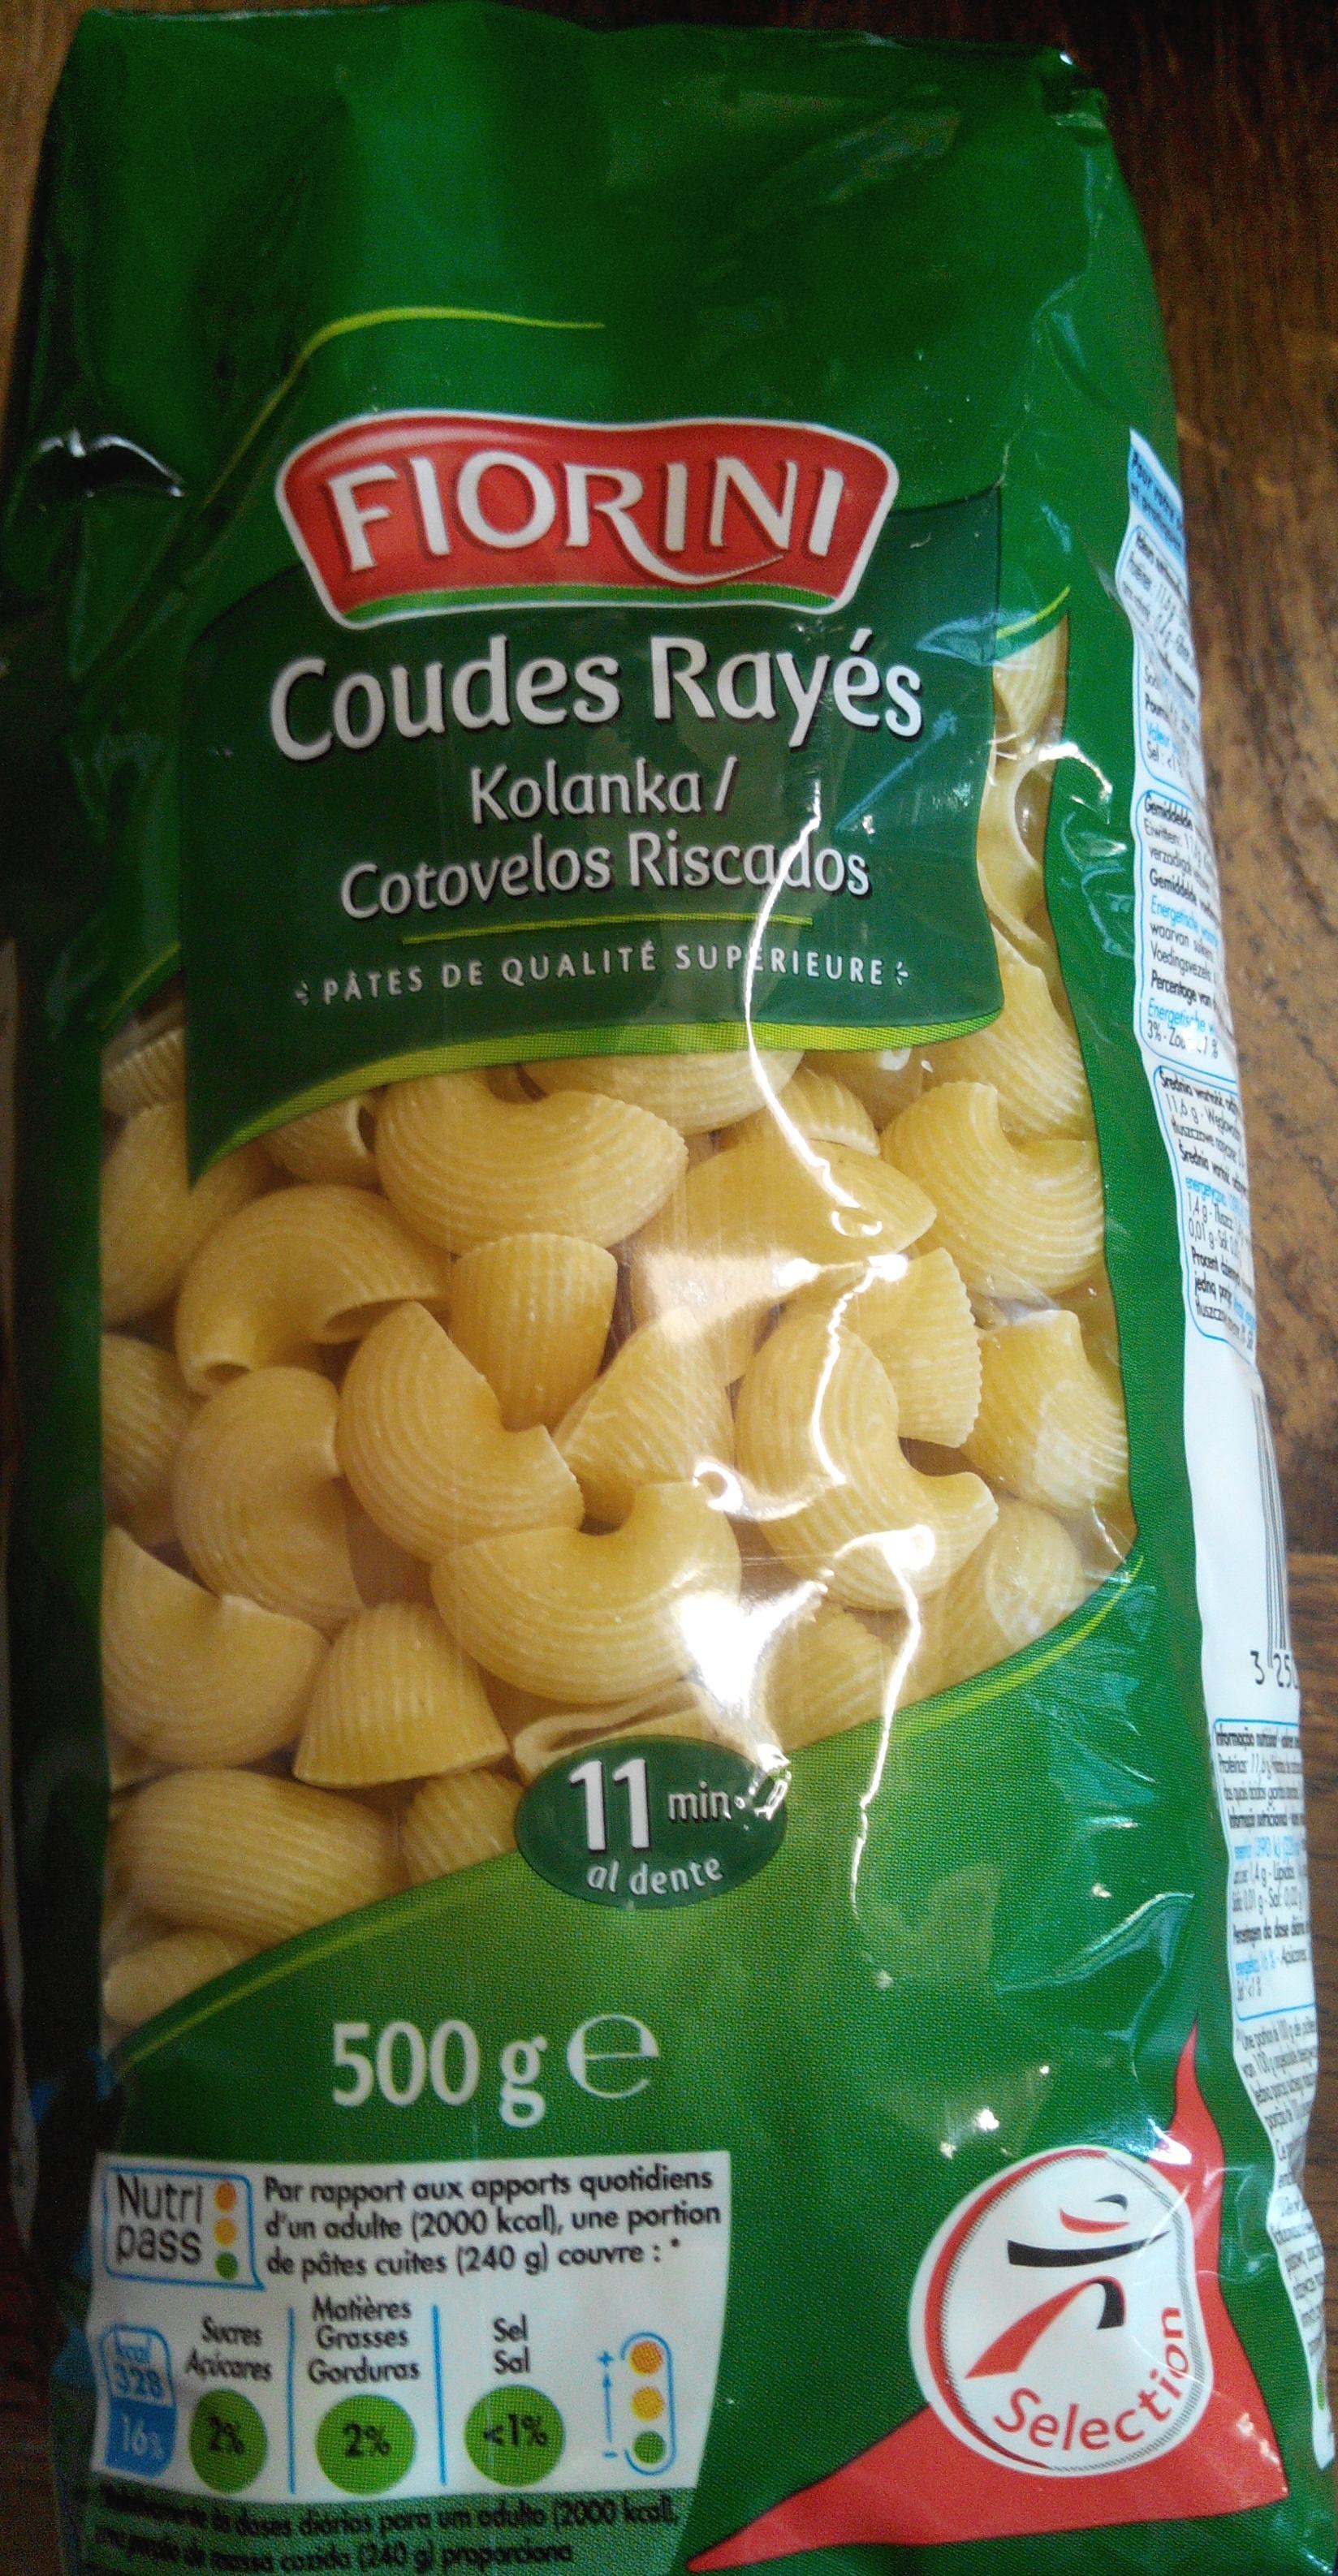 Coudes Rayés (Pâtes de qualité supérieure) - Product